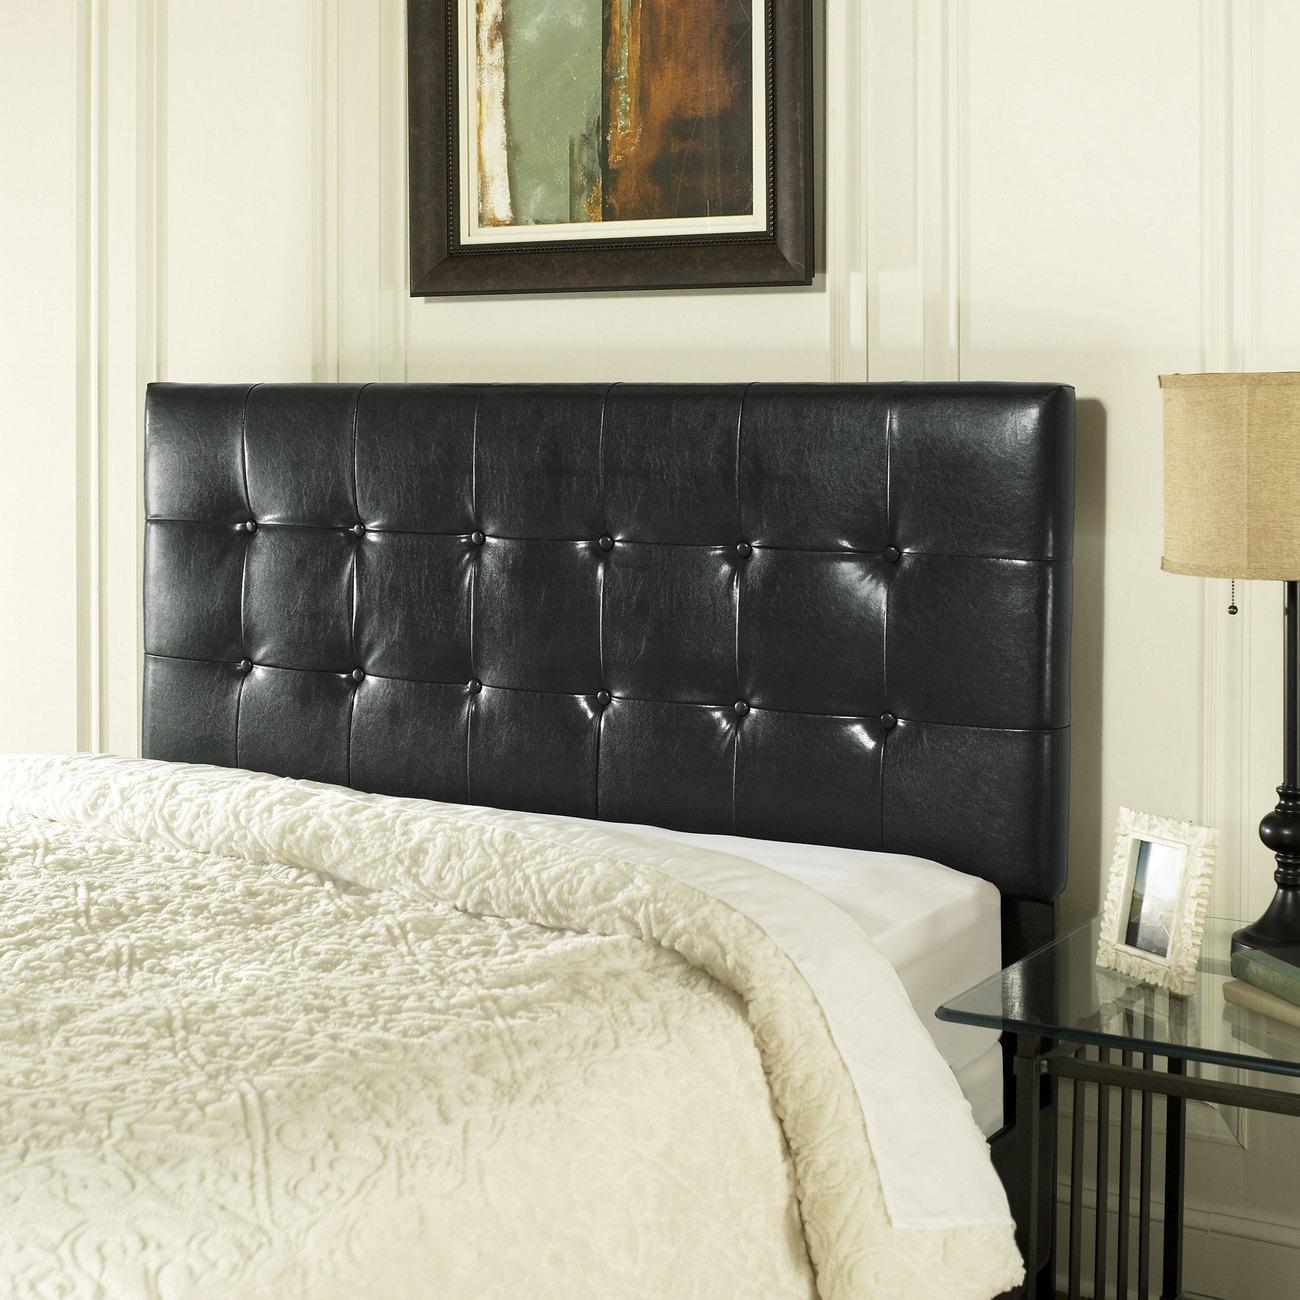 Andover Full/Queen Headboard in Black - Crosley CF90001-501BK